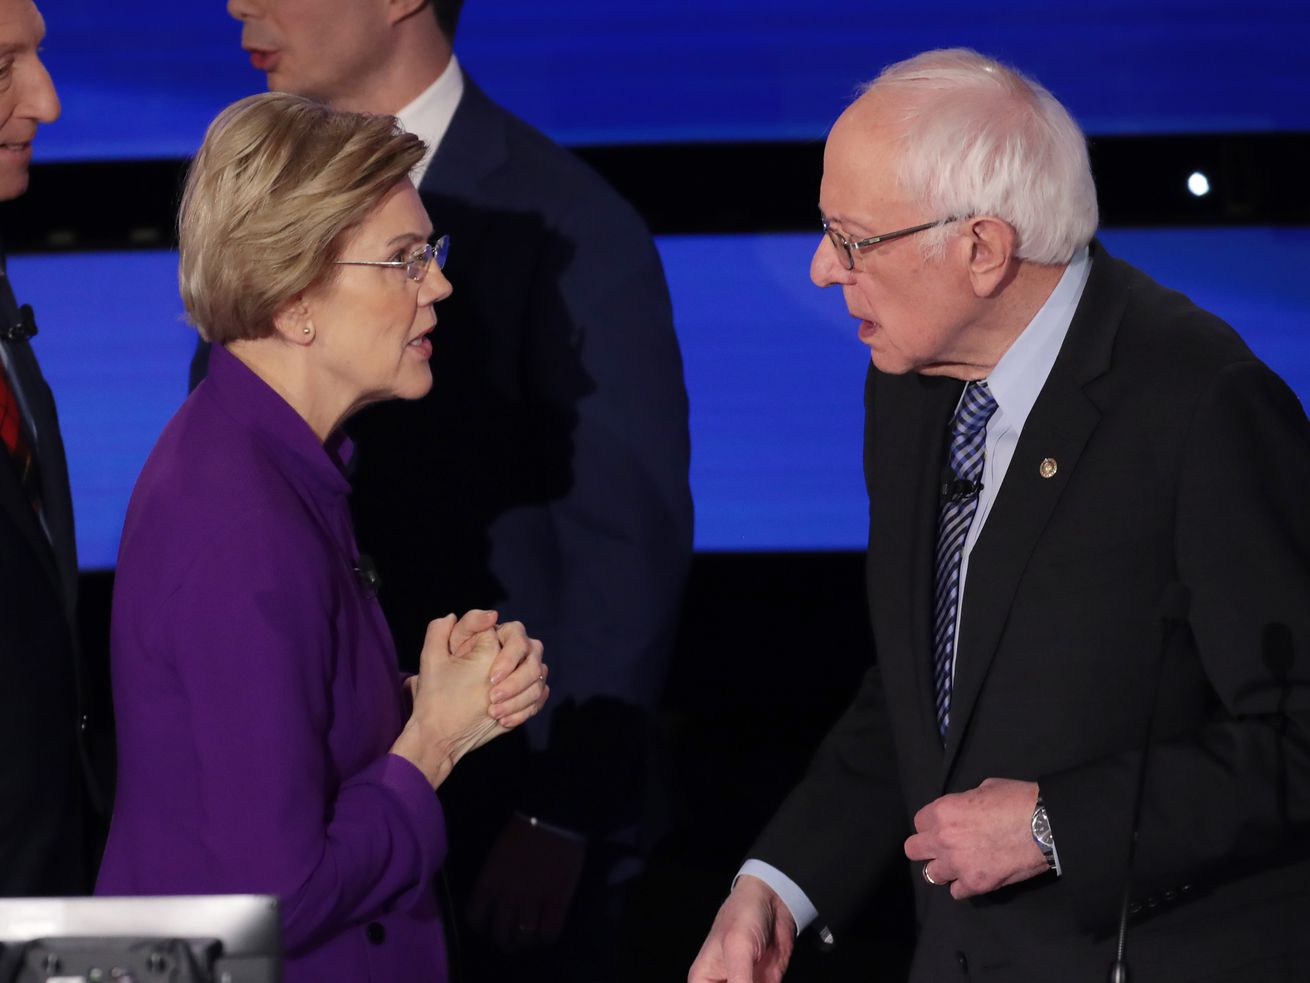 Warren and Sanders speaking after the debate.